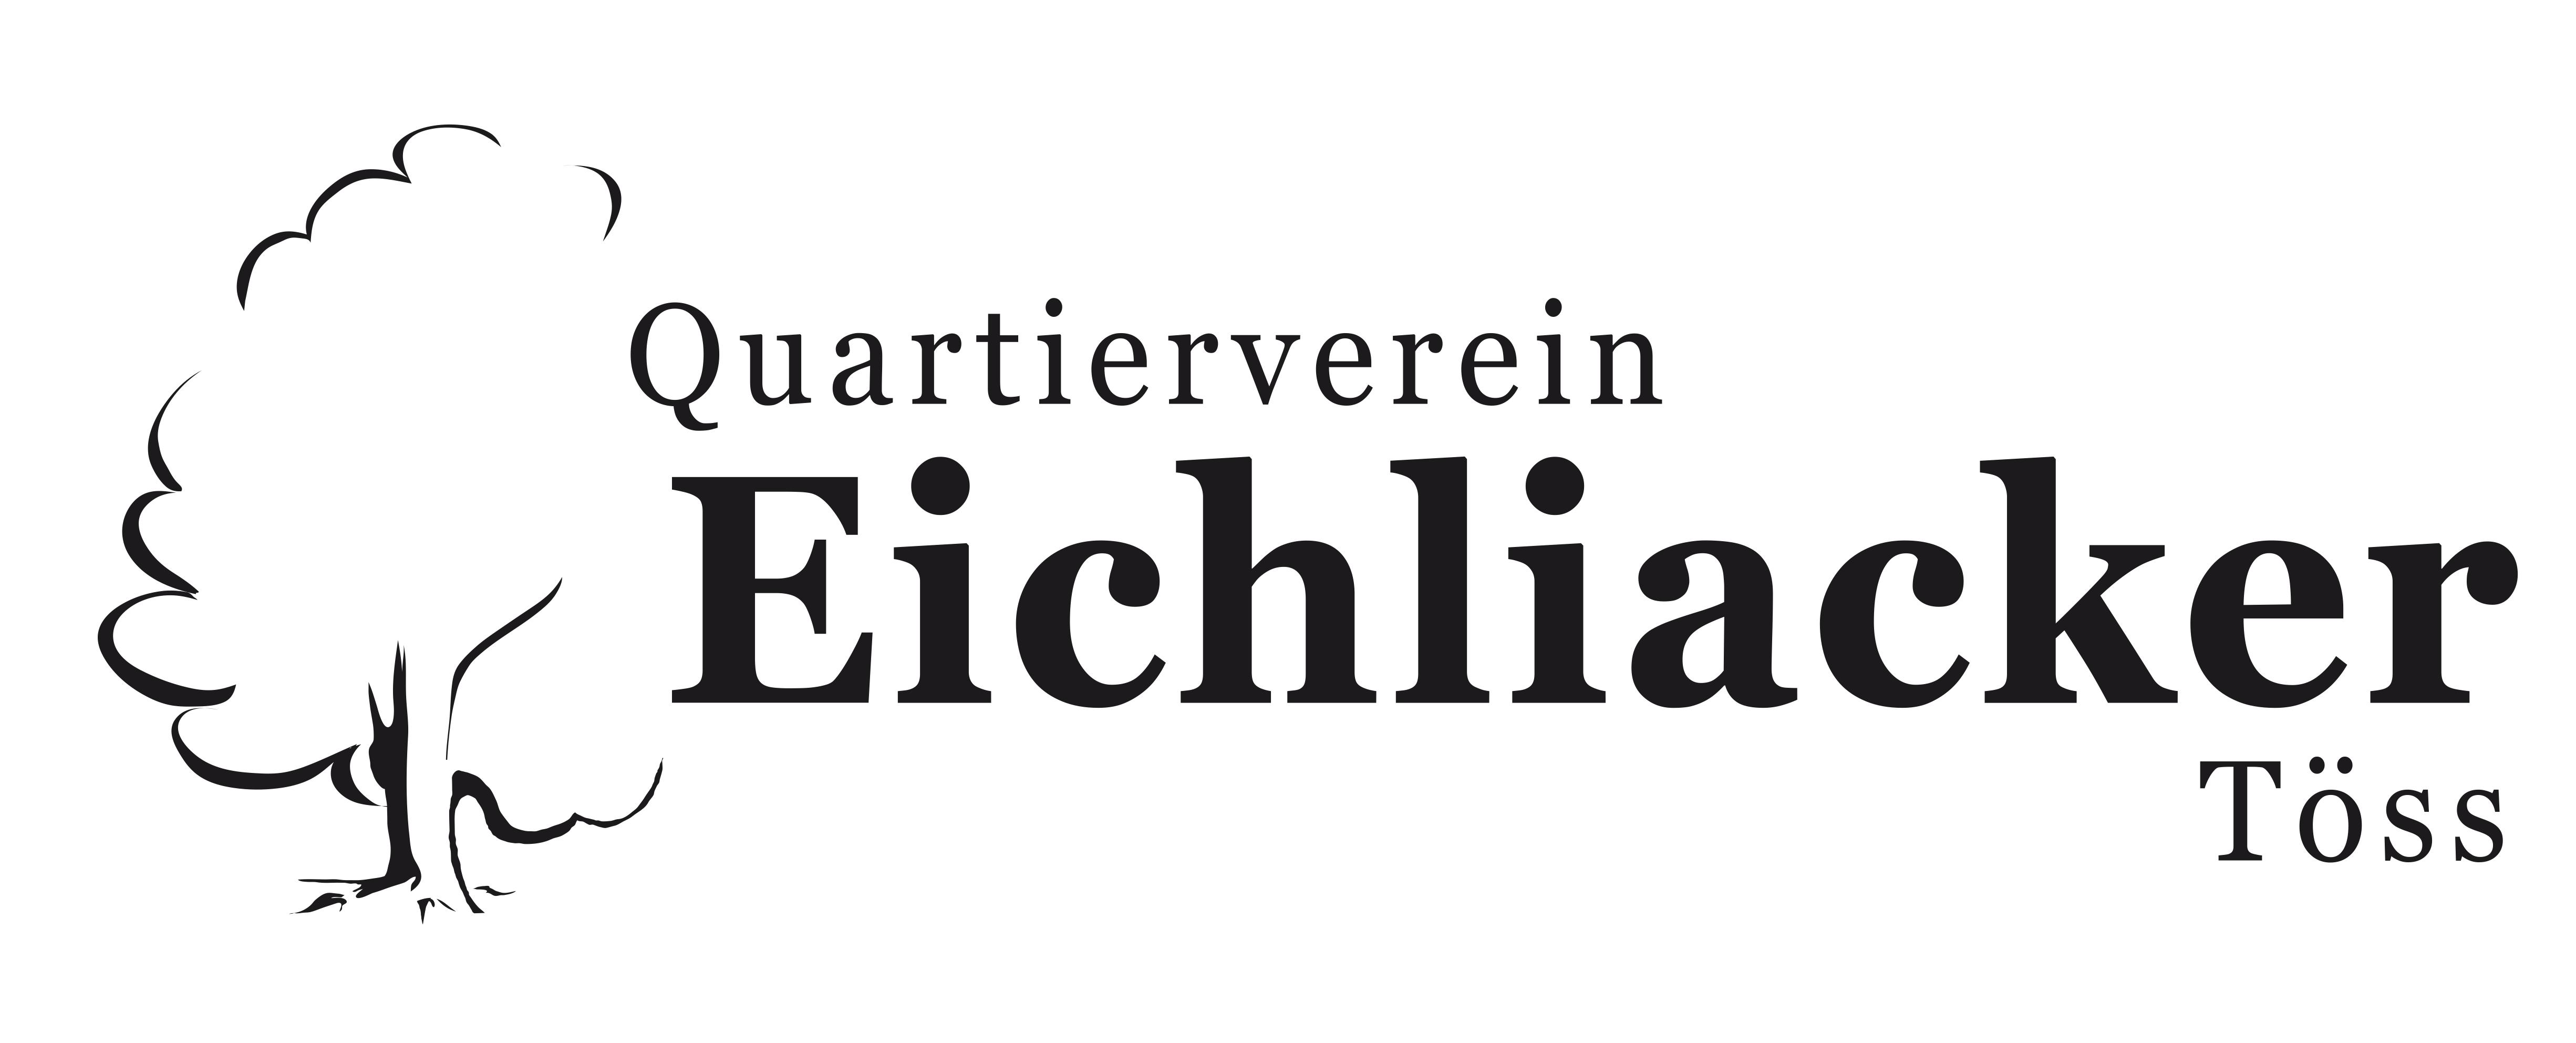 Quartierverein Eichliacker